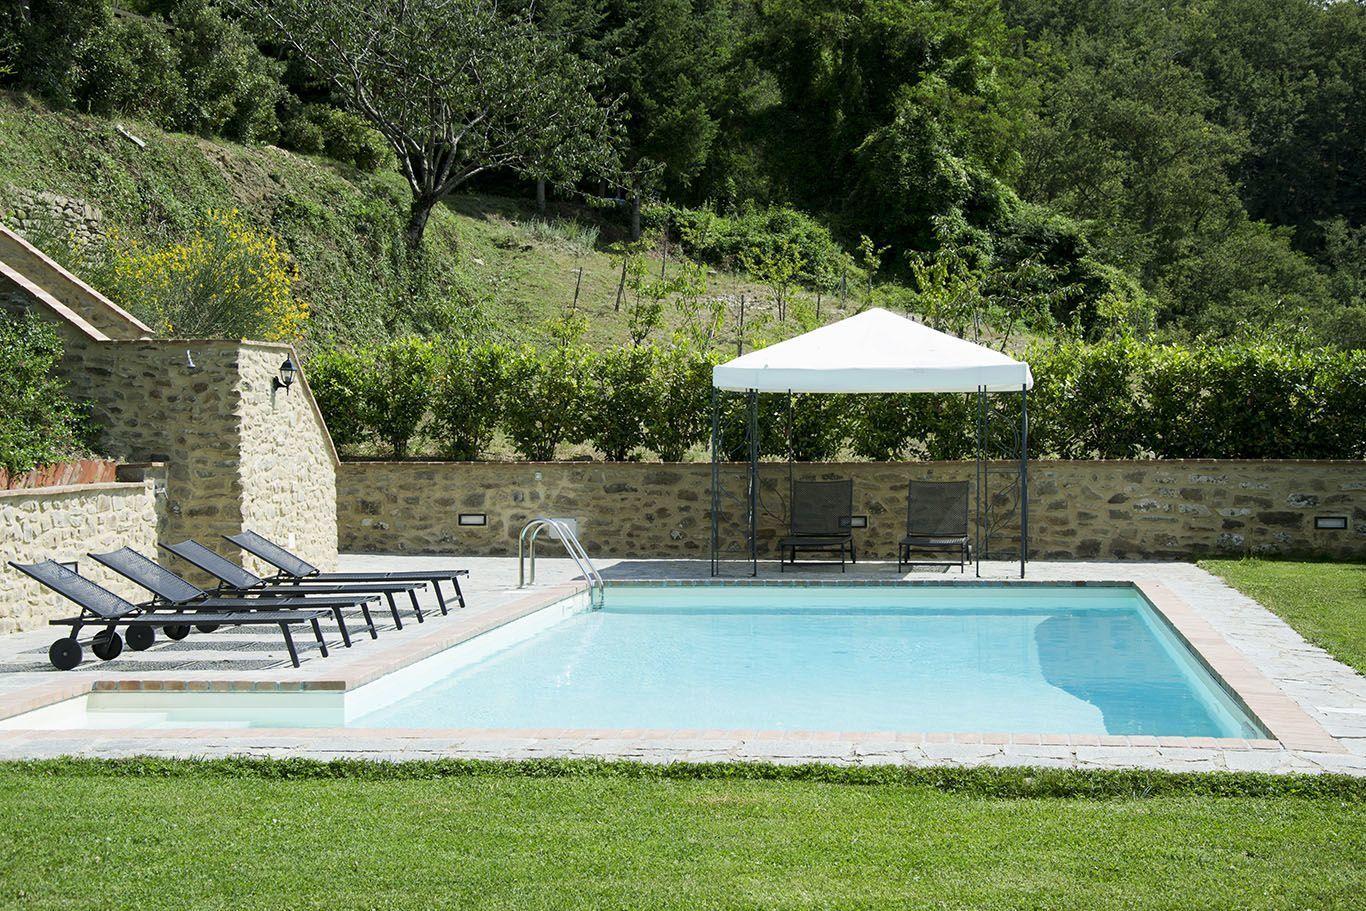 Bagnolo casa vacanze con 6 posti letto in 3 camere cortona toscana italia - Piscina bagnolo ...